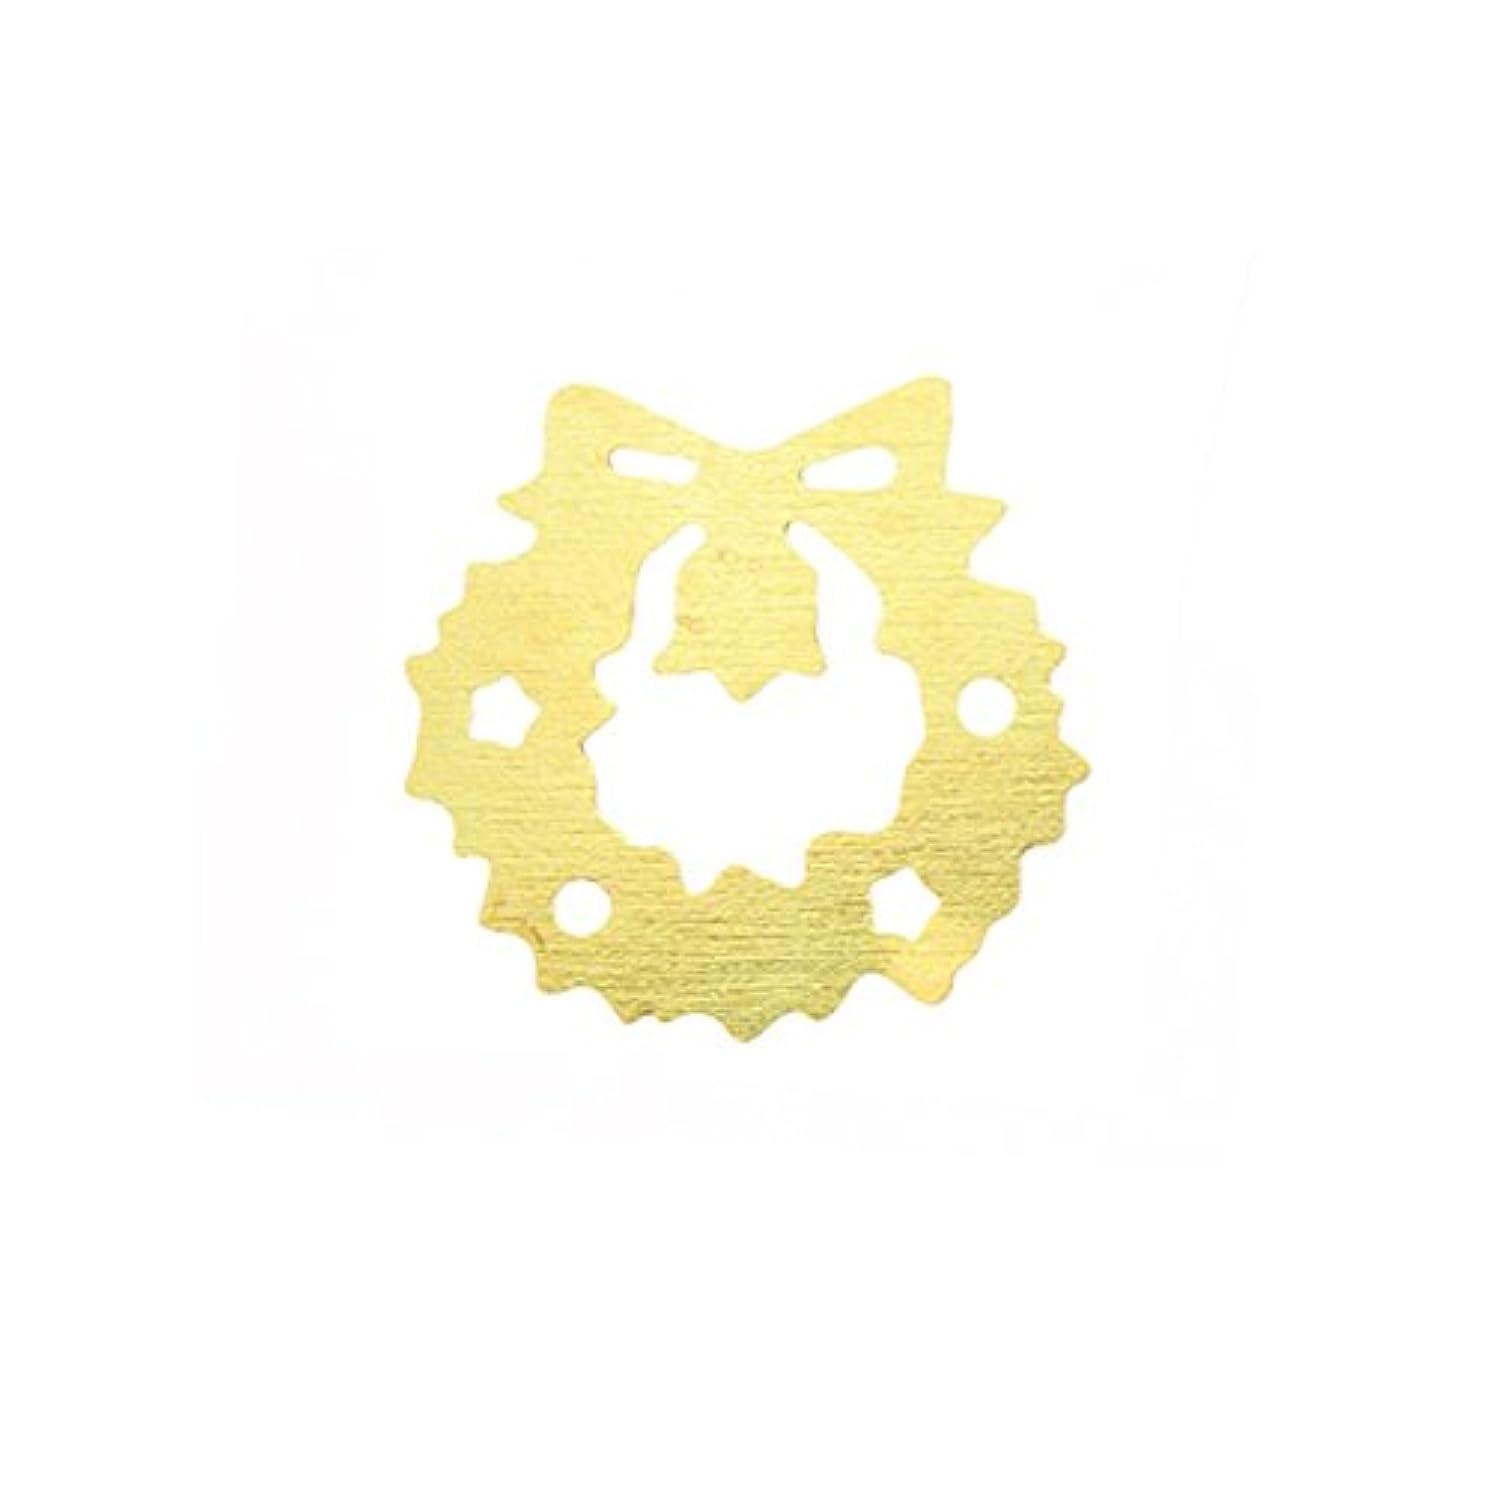 体系的に流行悪名高いメタルプレート(ネイルストーン デコ) クリスマスリース ゴールド (30個入り)(ネイル用品)